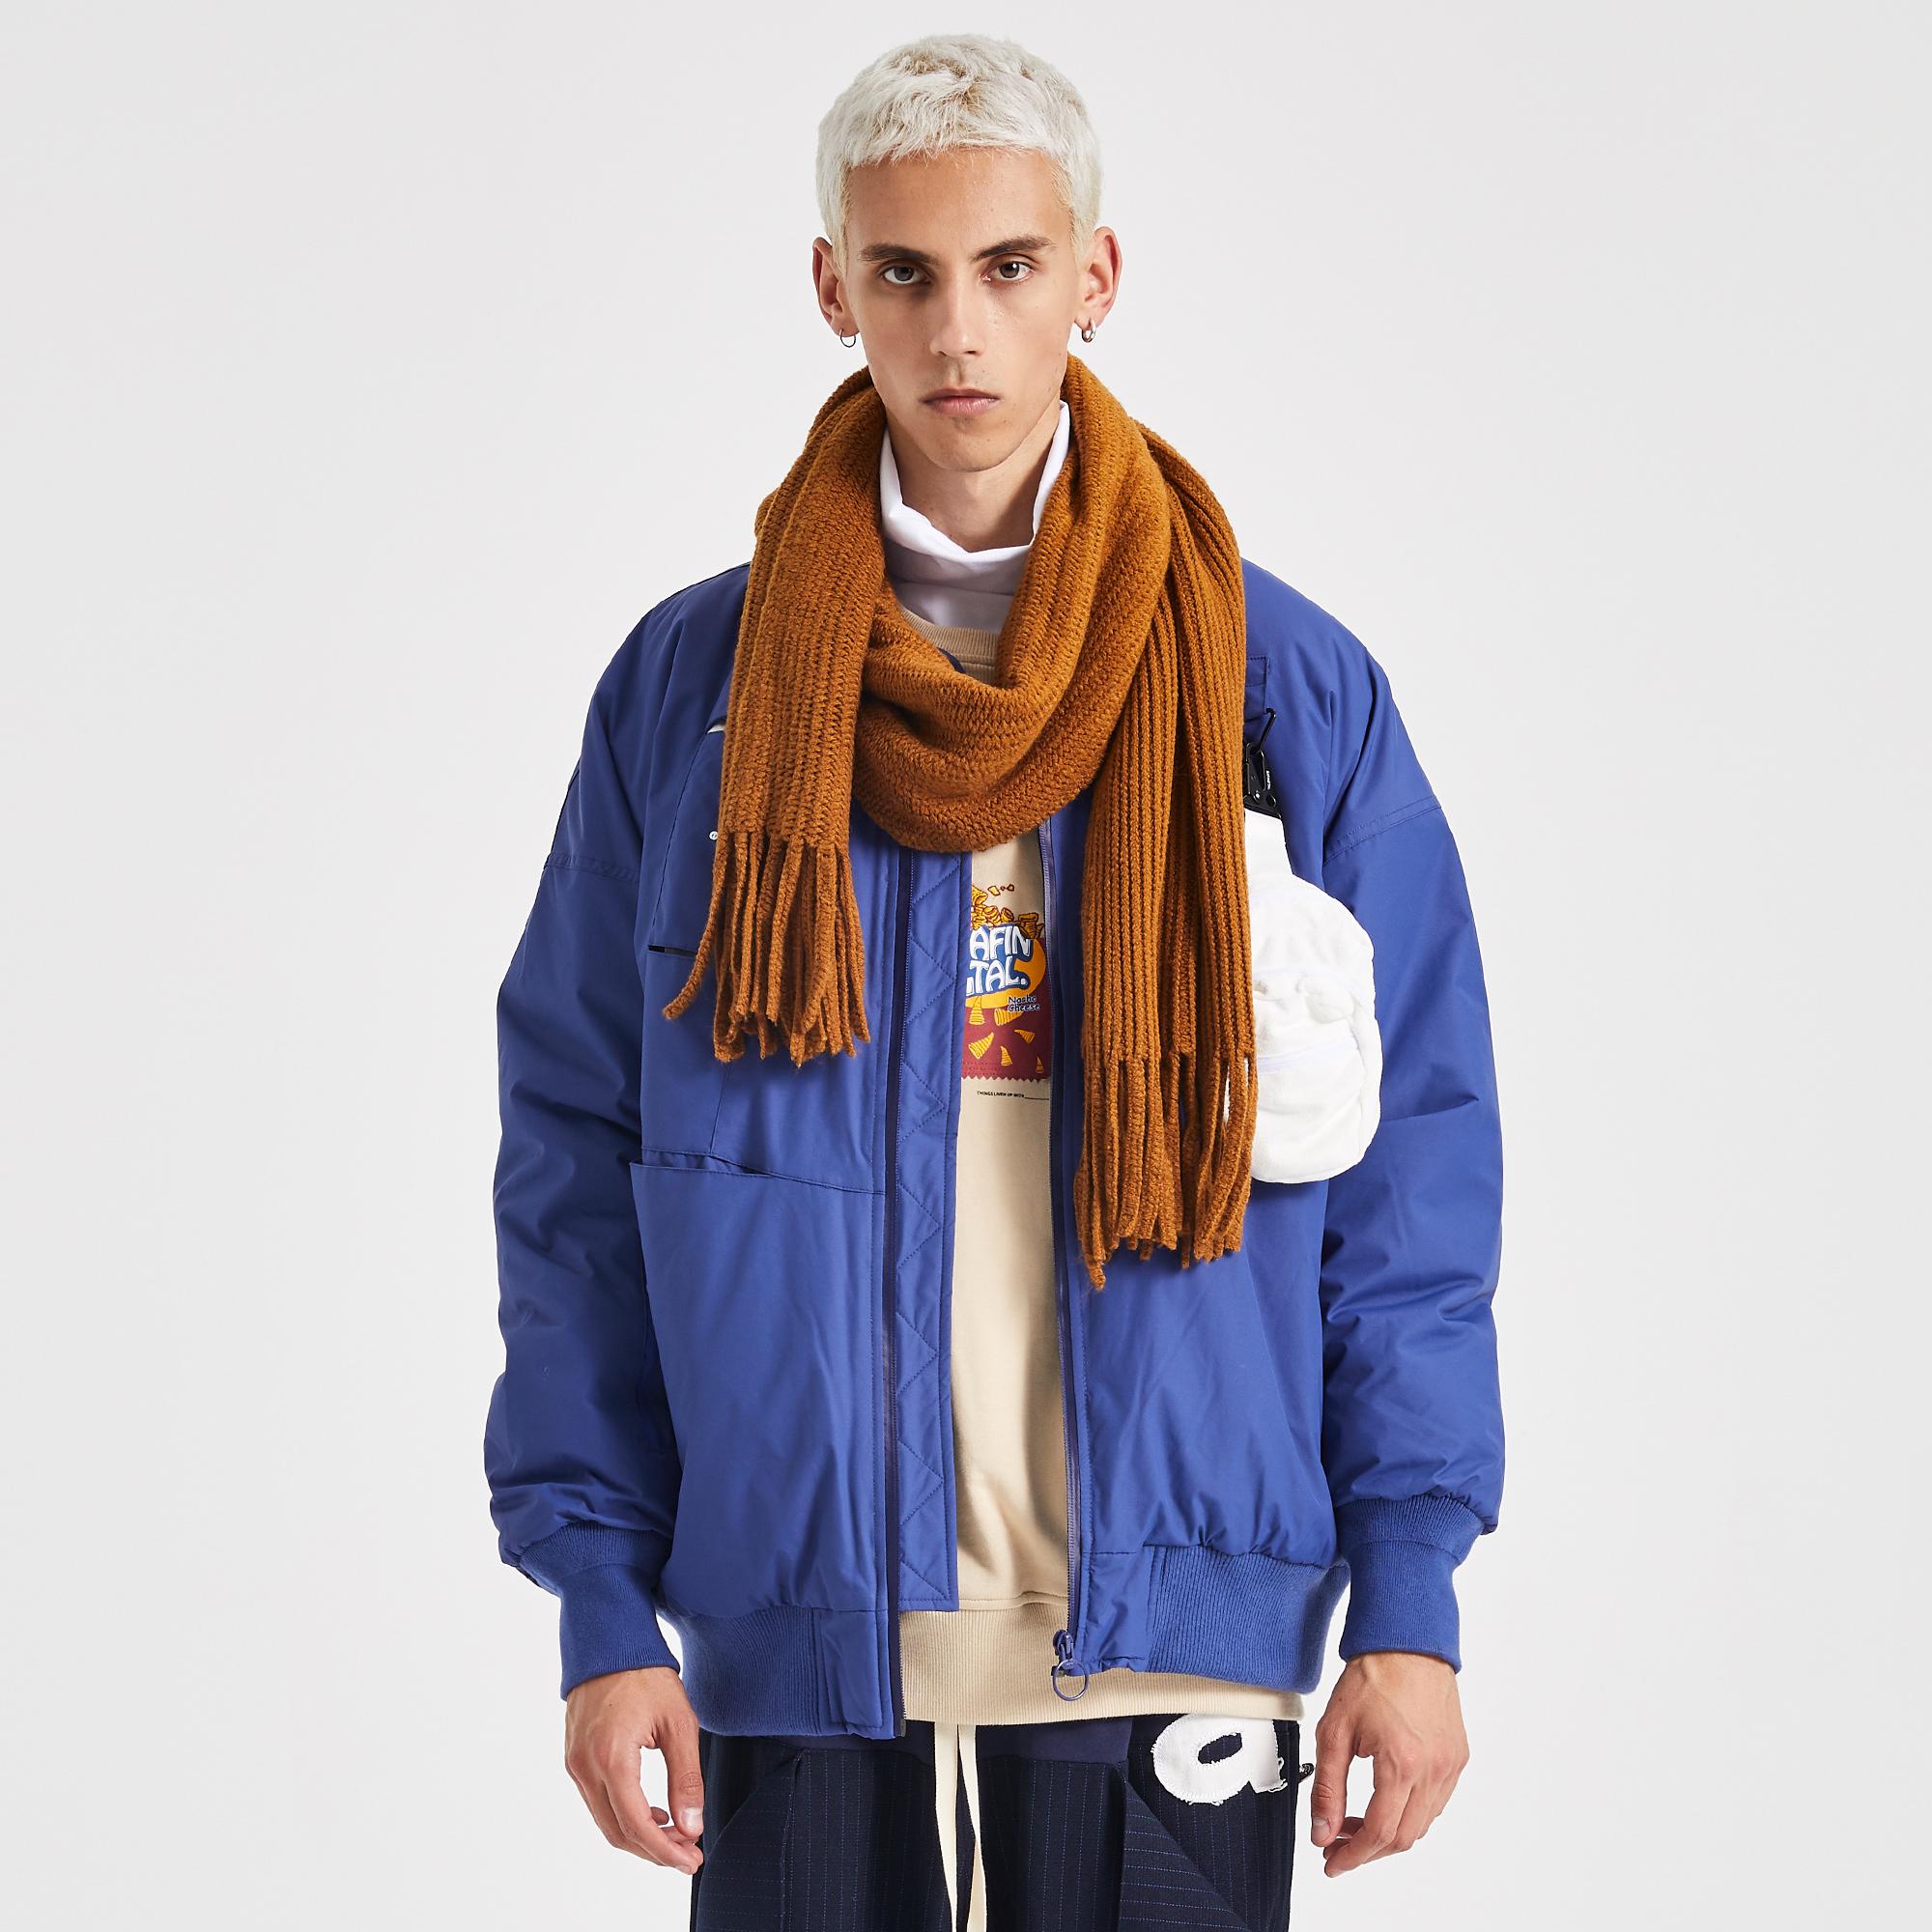 EAFINS bán giải phóng mặt bằng tăng đột biến hai mảnh áo vest nhiều chức năng áo khoác cotton màu xanh MA1 nam nữ - Bông